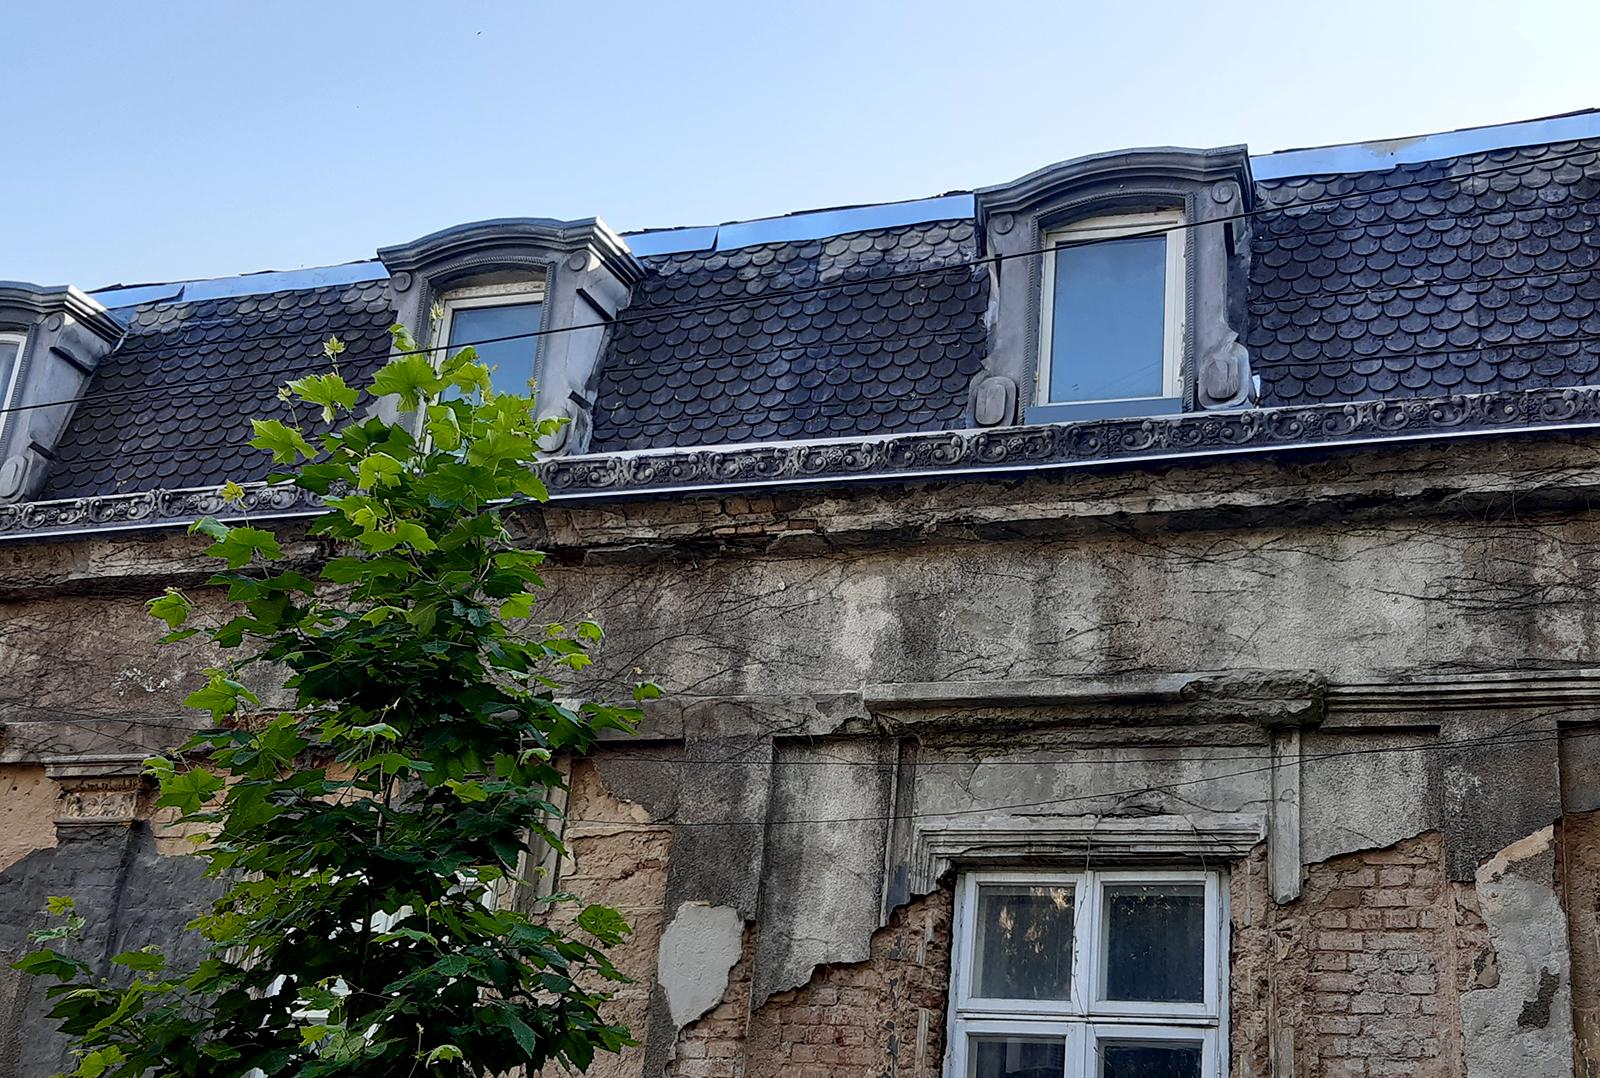 Azbestul - dusmanul tacut din constructiile vechi